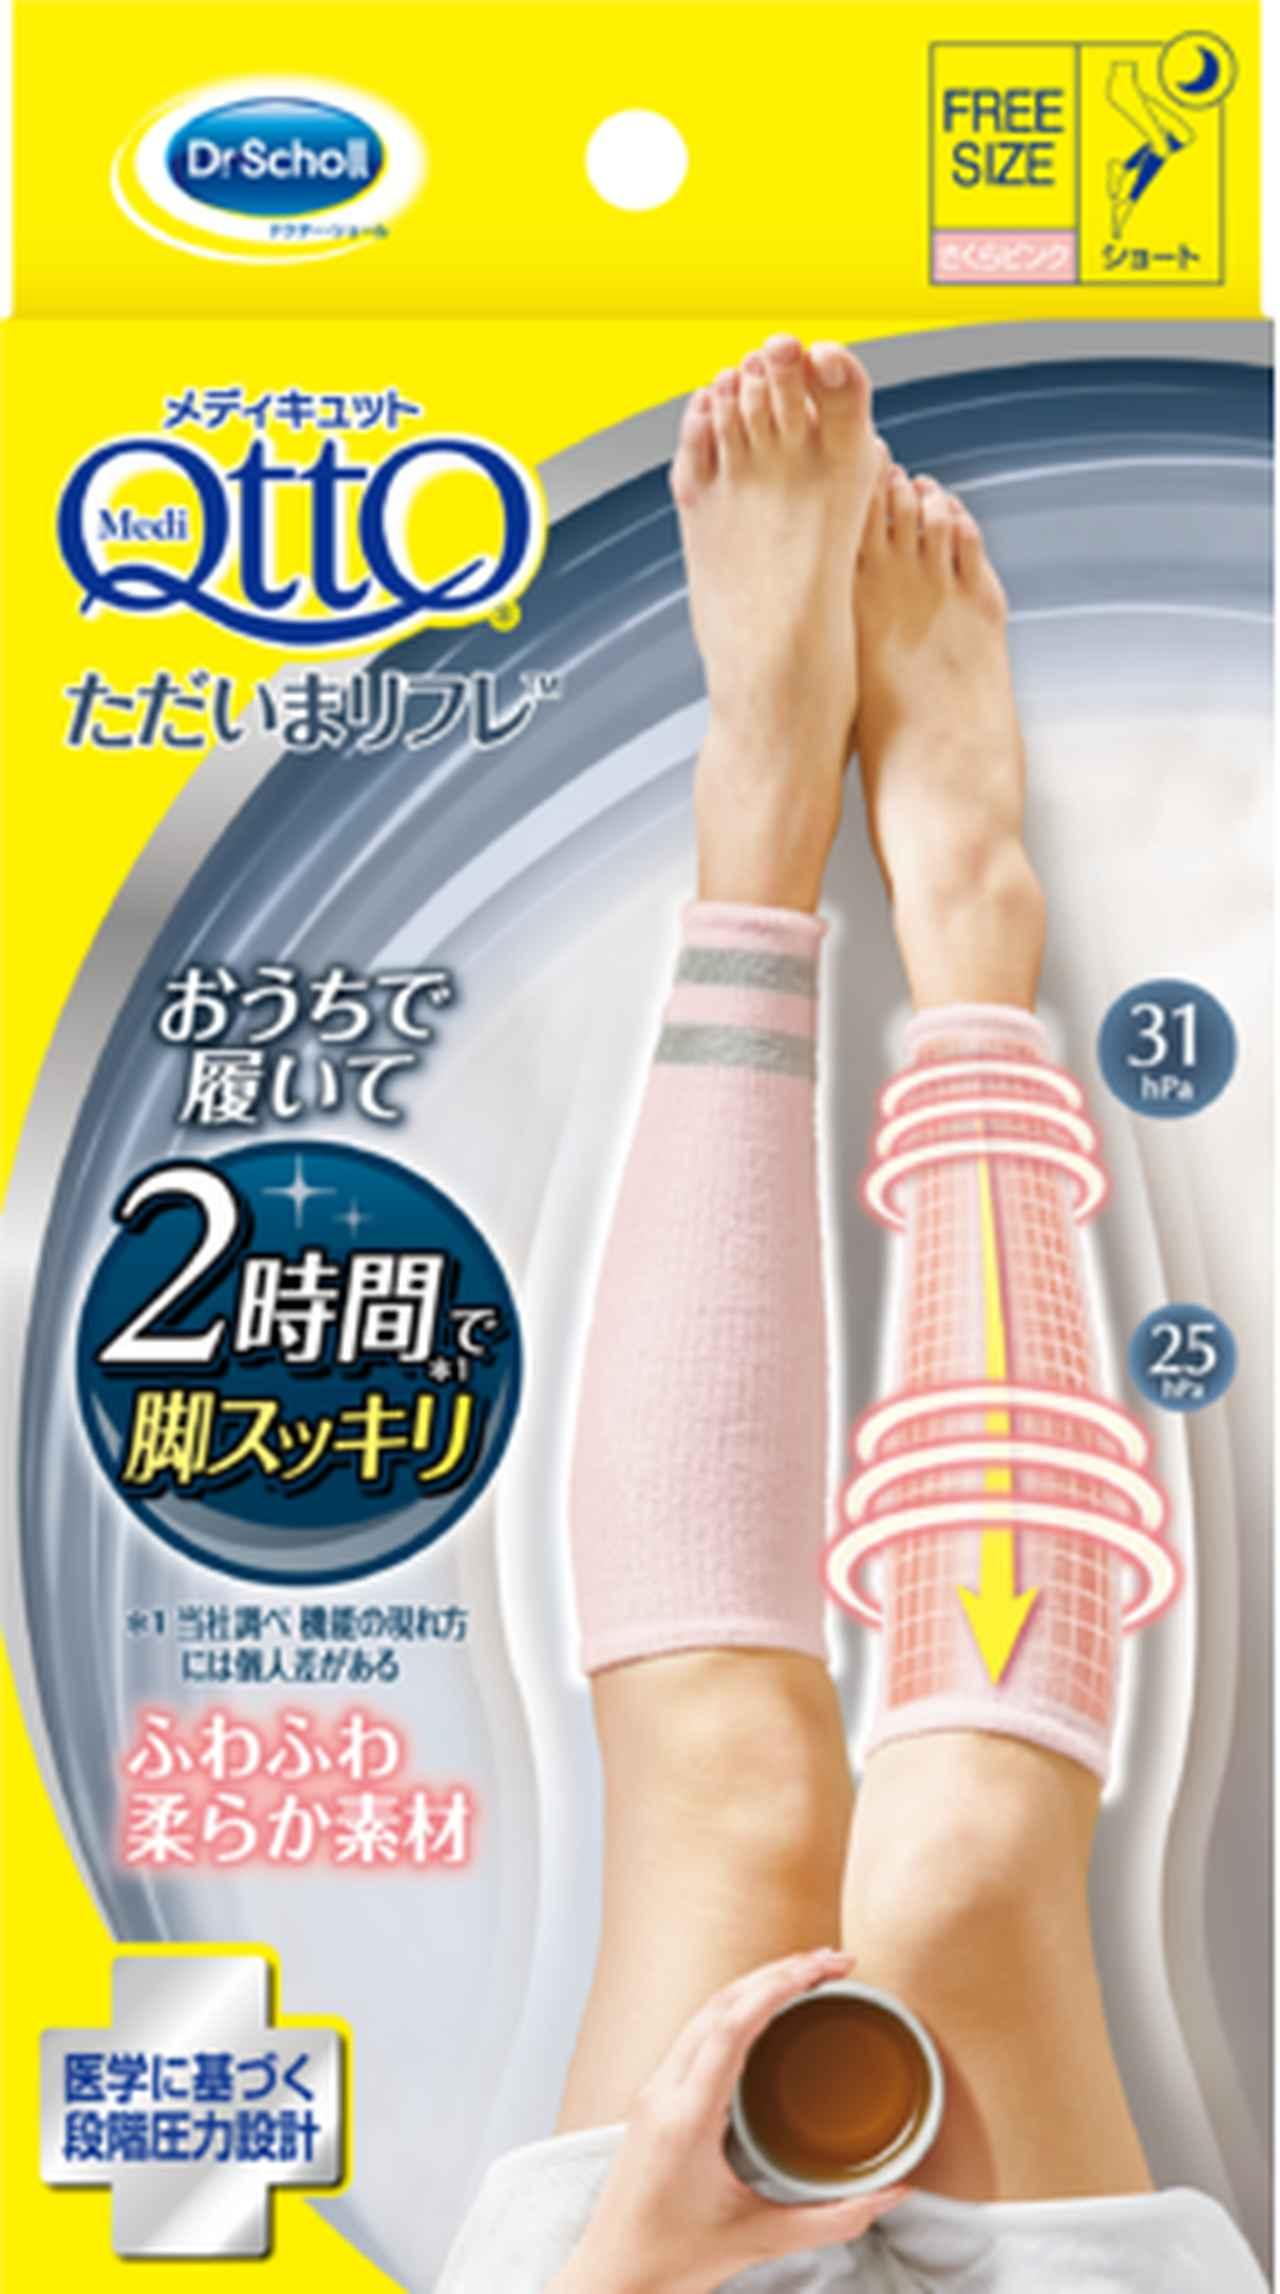 画像2: おうちで履くだけ、2時間で脚スッキリ!